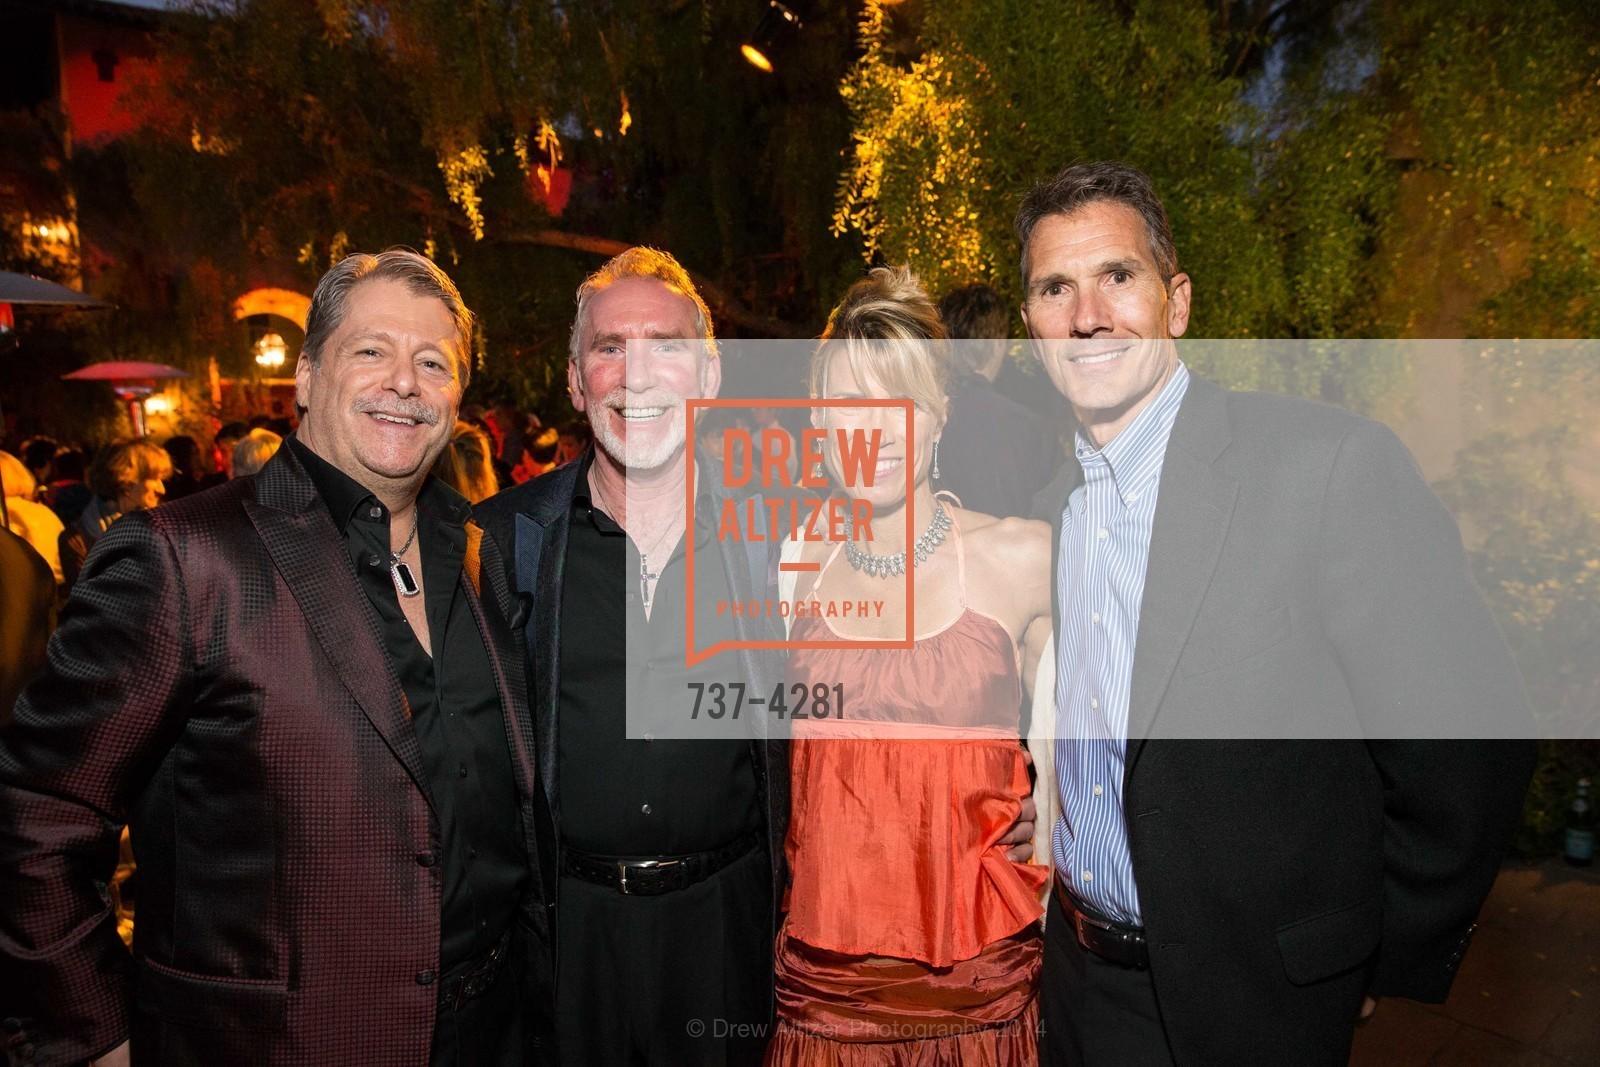 Michael Rose, Wayne Kaleck, Kathy Winkler, Peter McIntosh, Photo #737-4281